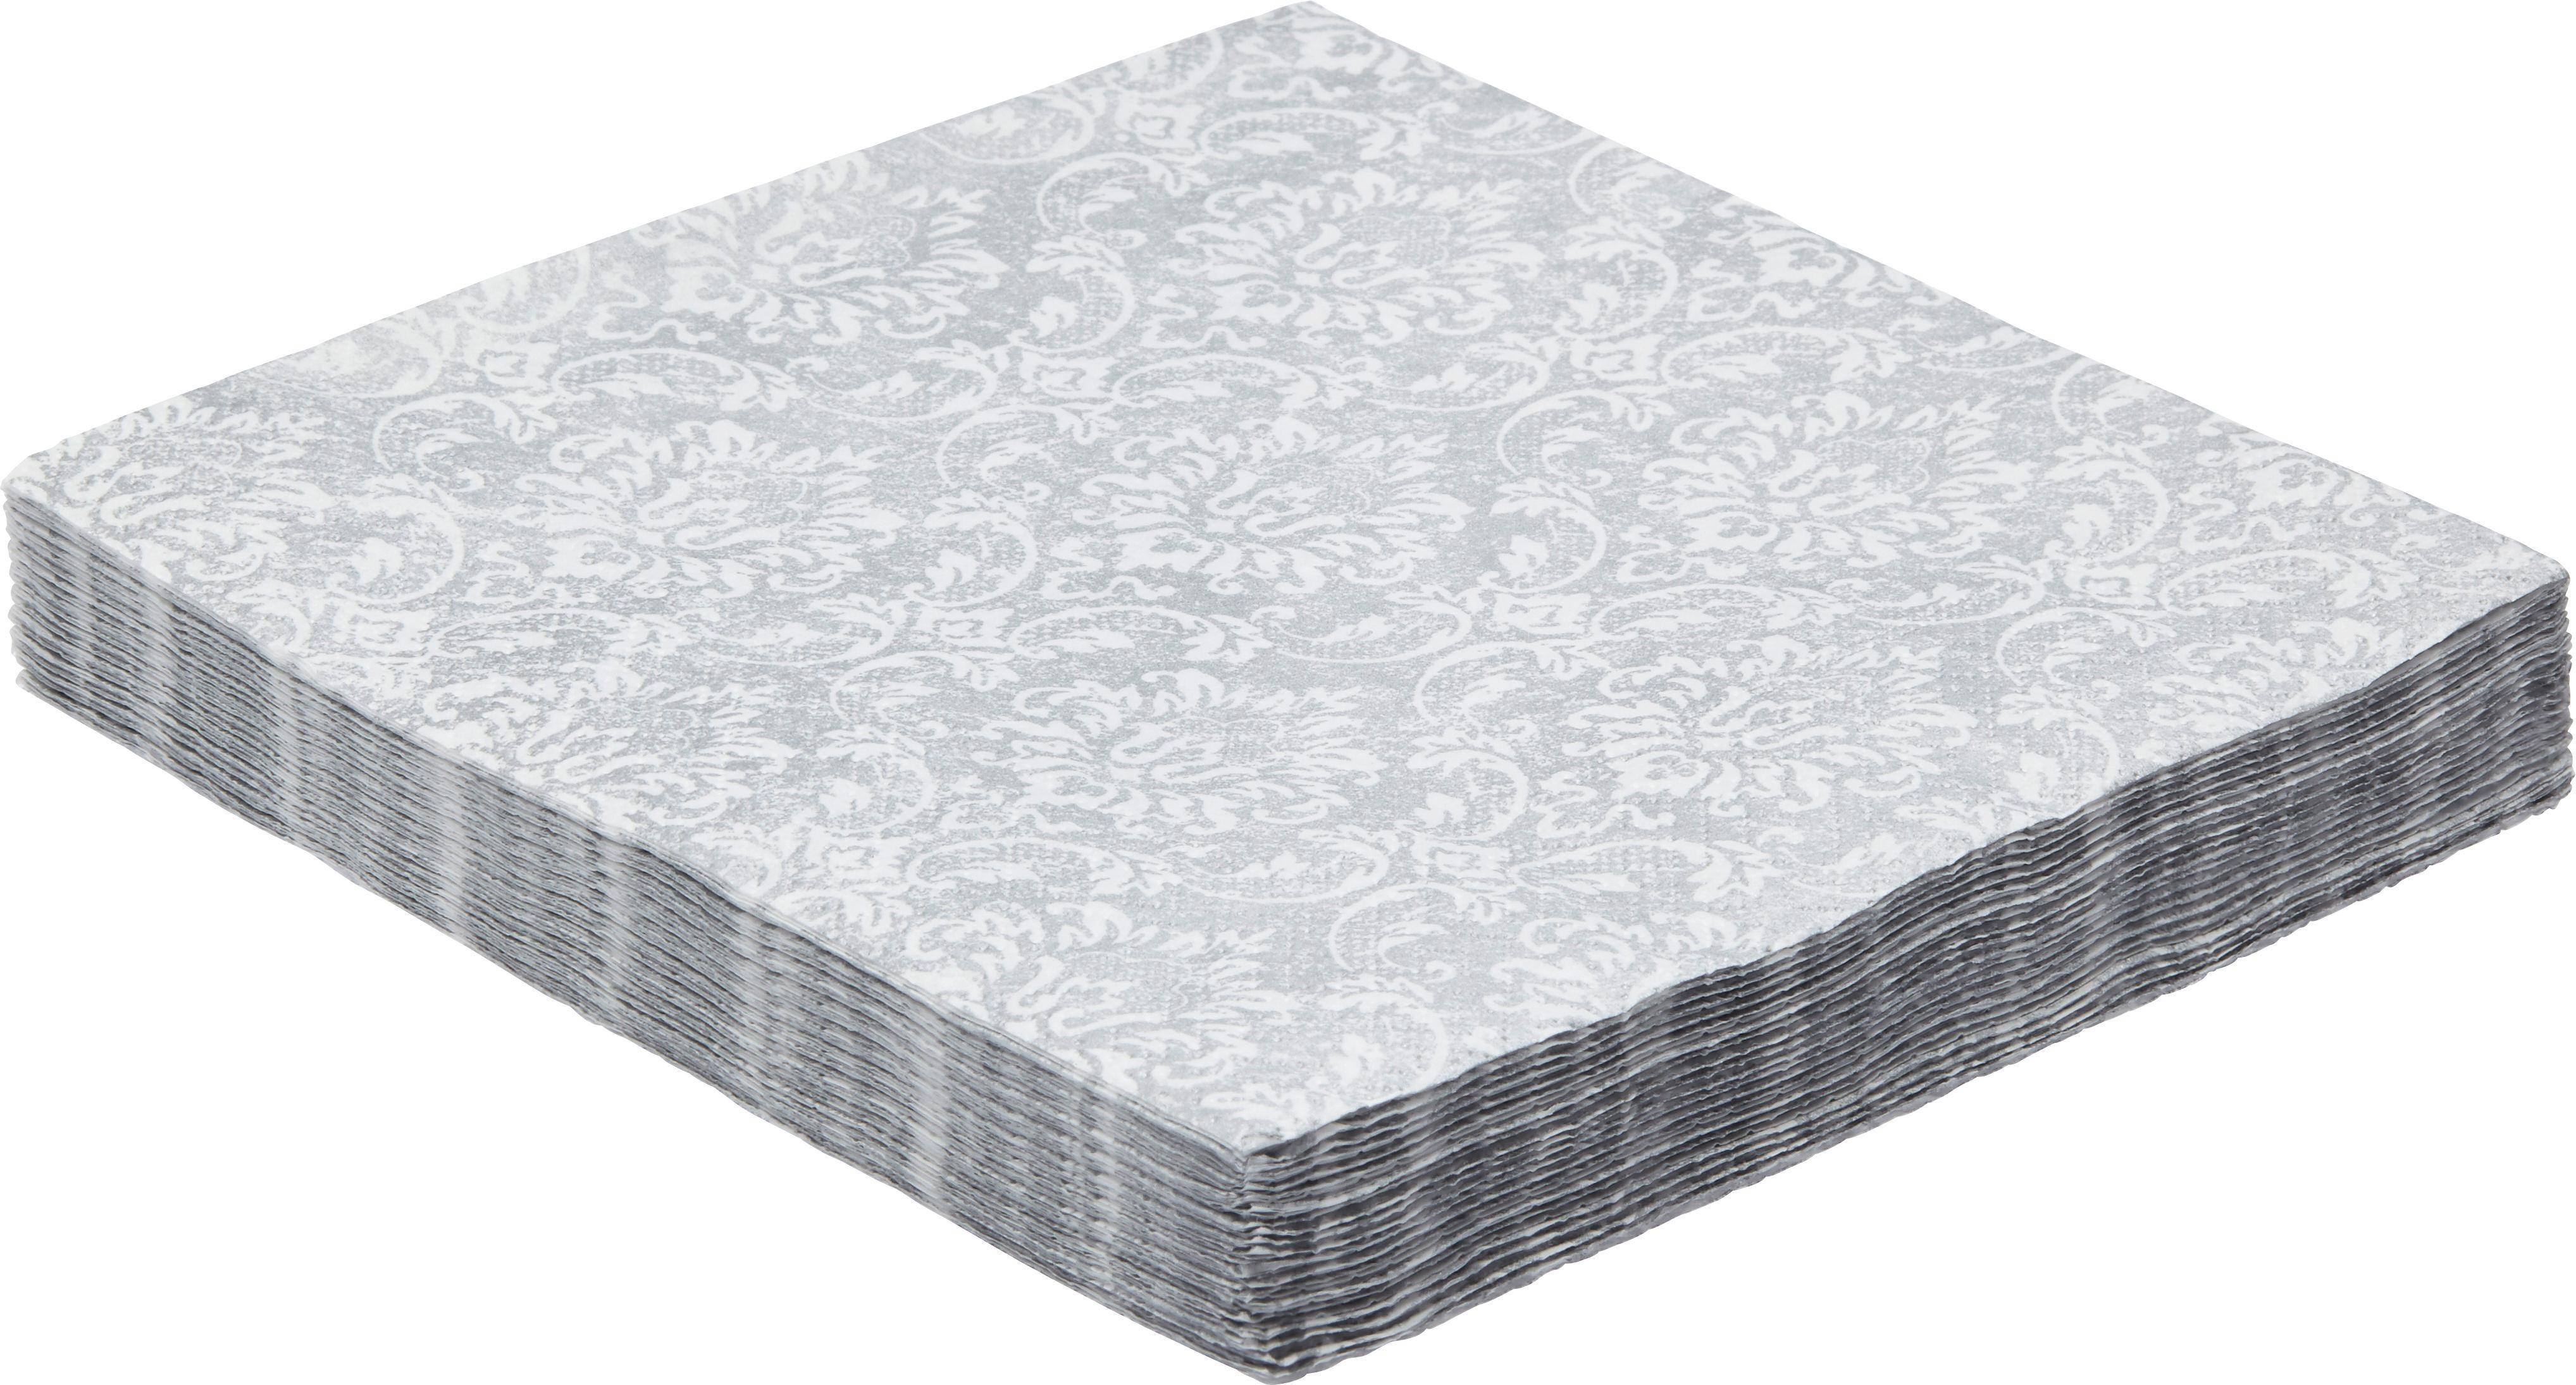 Serviette Patty aus Papier in Silber - Silberfarben/Weiß, LIFESTYLE, Papier (16,5/16,5/2,5cm) - MÖMAX modern living